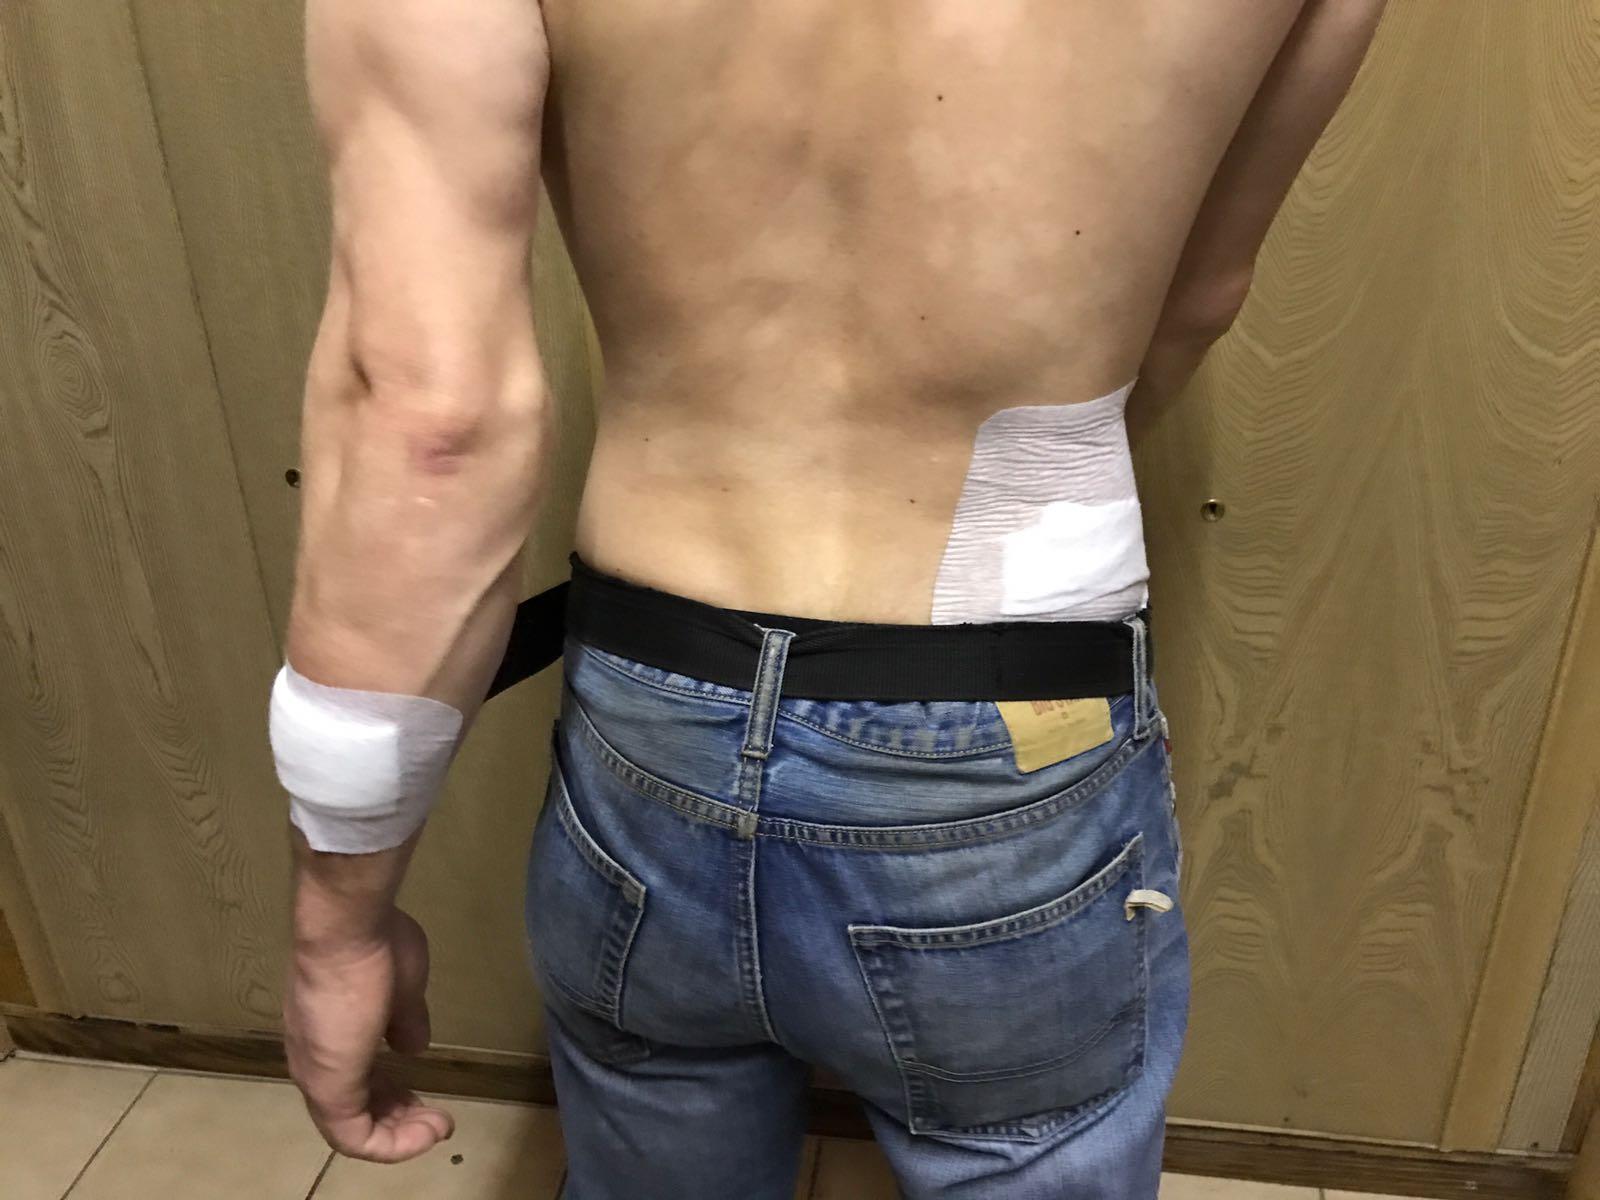 Drittes Opfer - Ebenfalls multiple Verletzungen